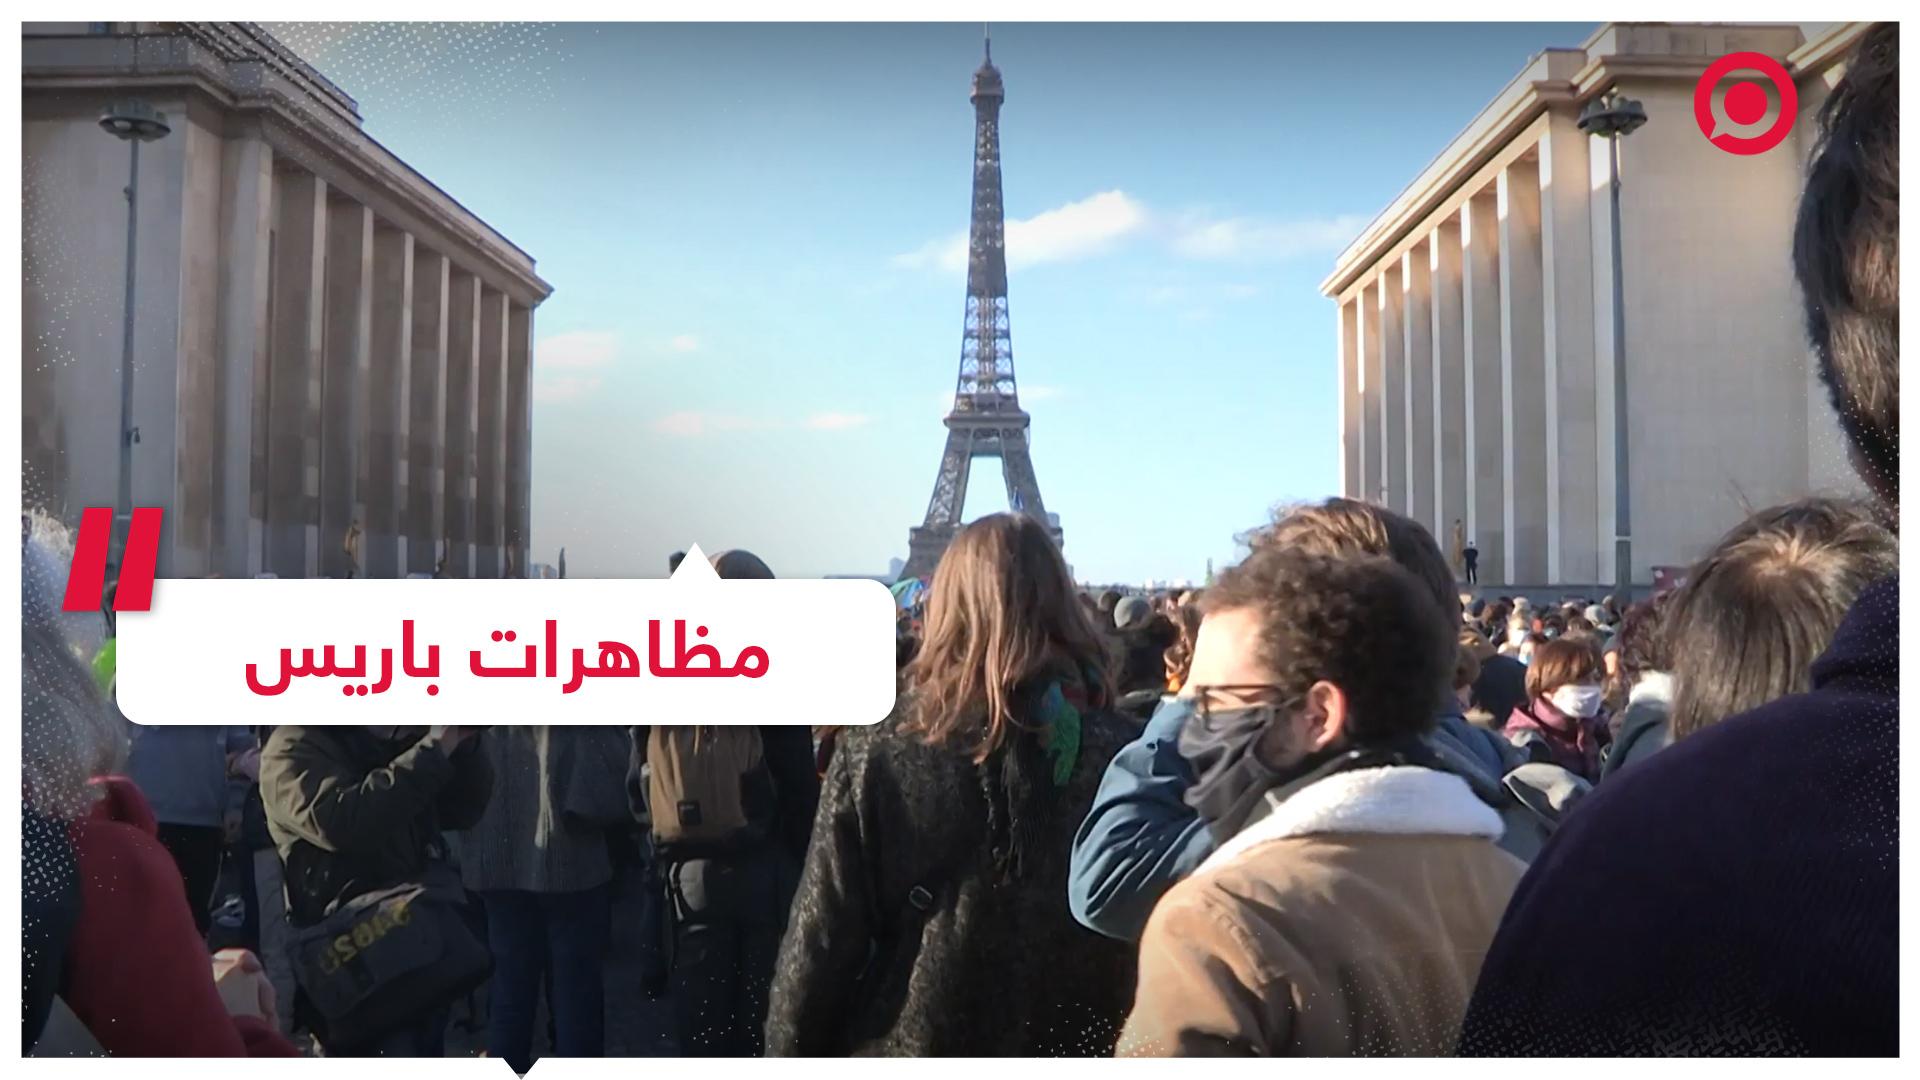 مظاهرات في العاصمة الفرنسية ضد مشروع